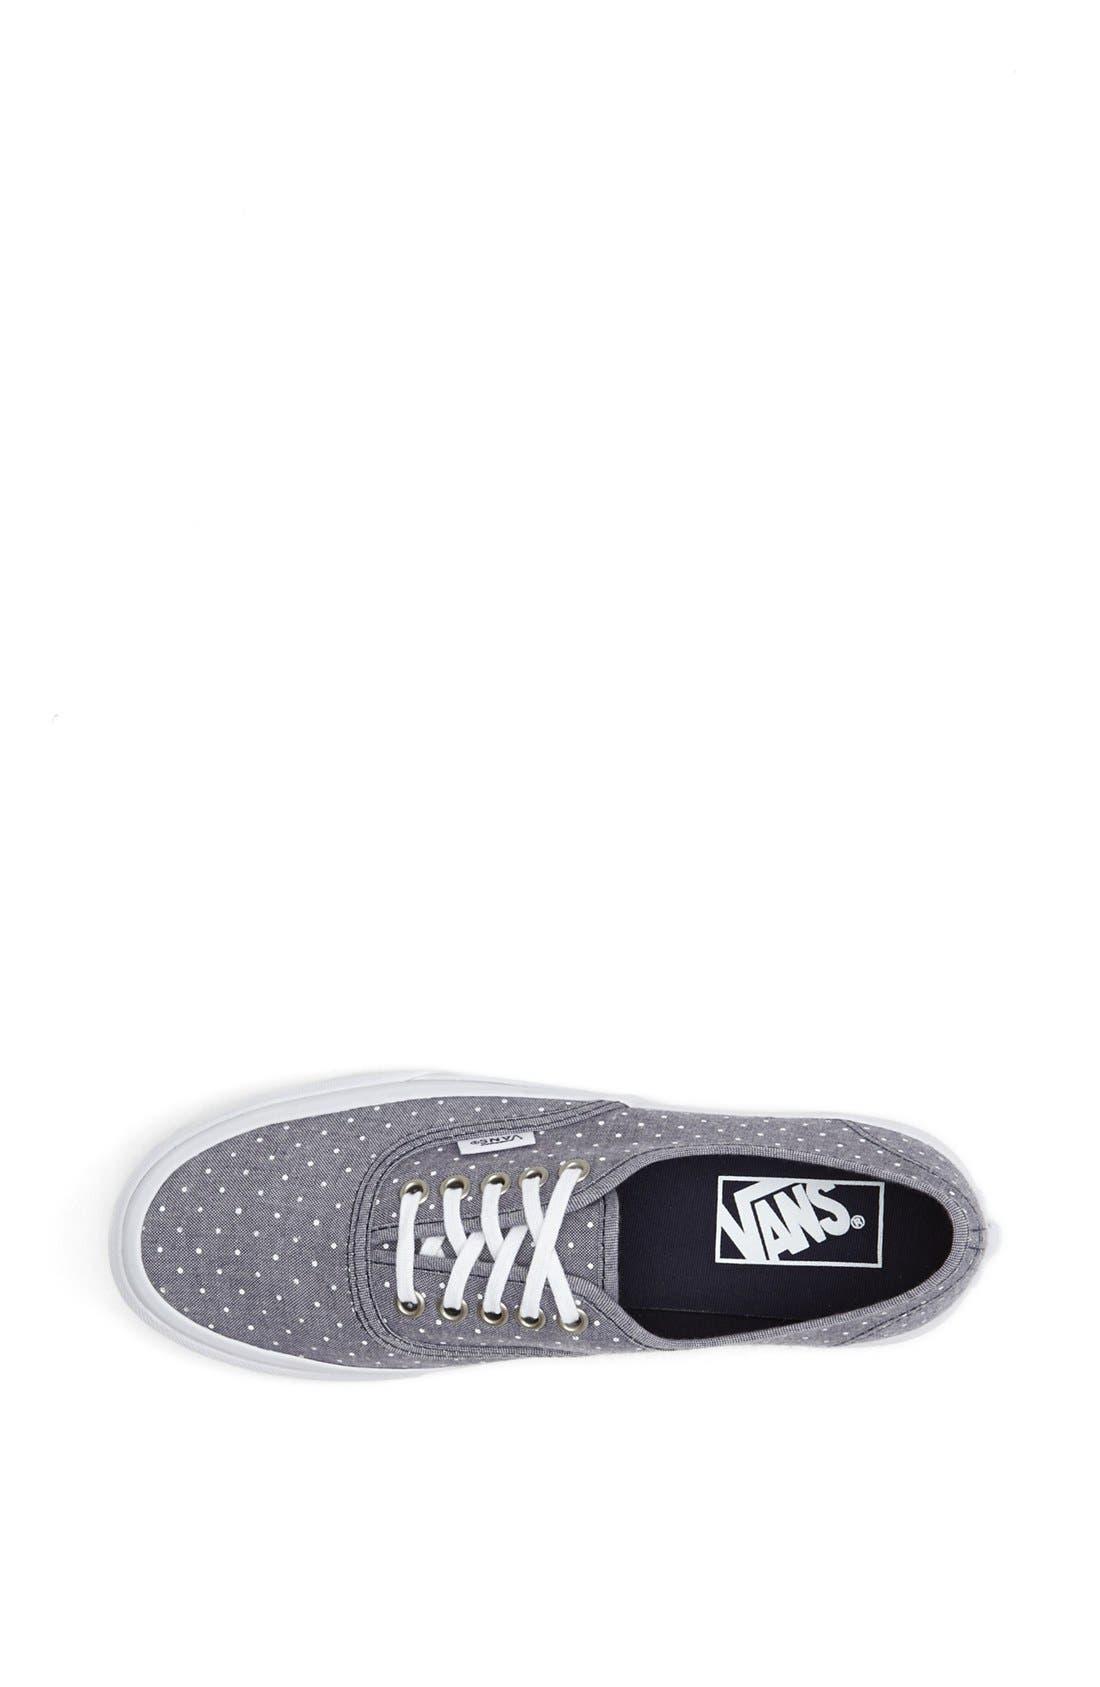 Alternate Image 3  - Vans 'Authentic - Slim' Polka Dot Sneaker (Women)